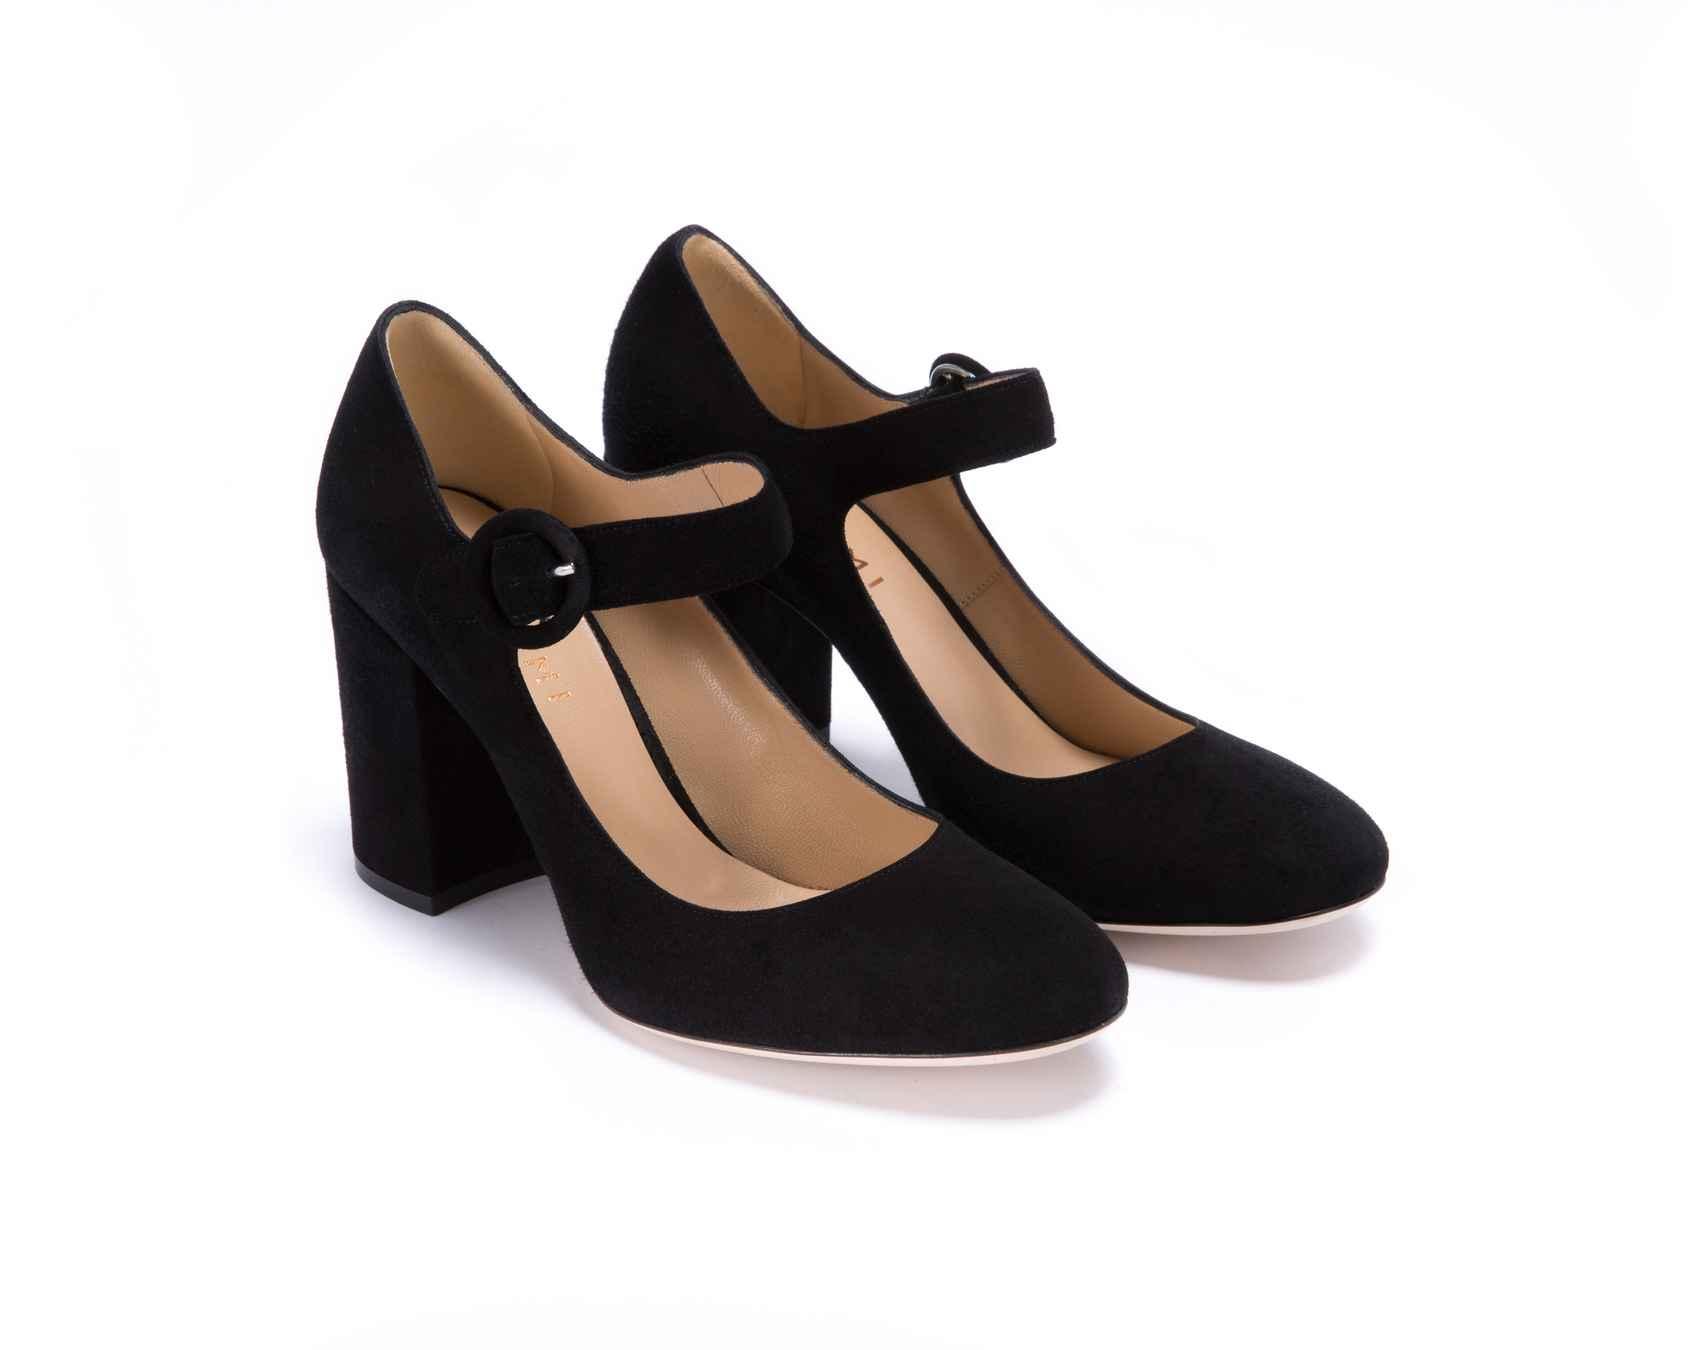 amante-heels-weekly-edit